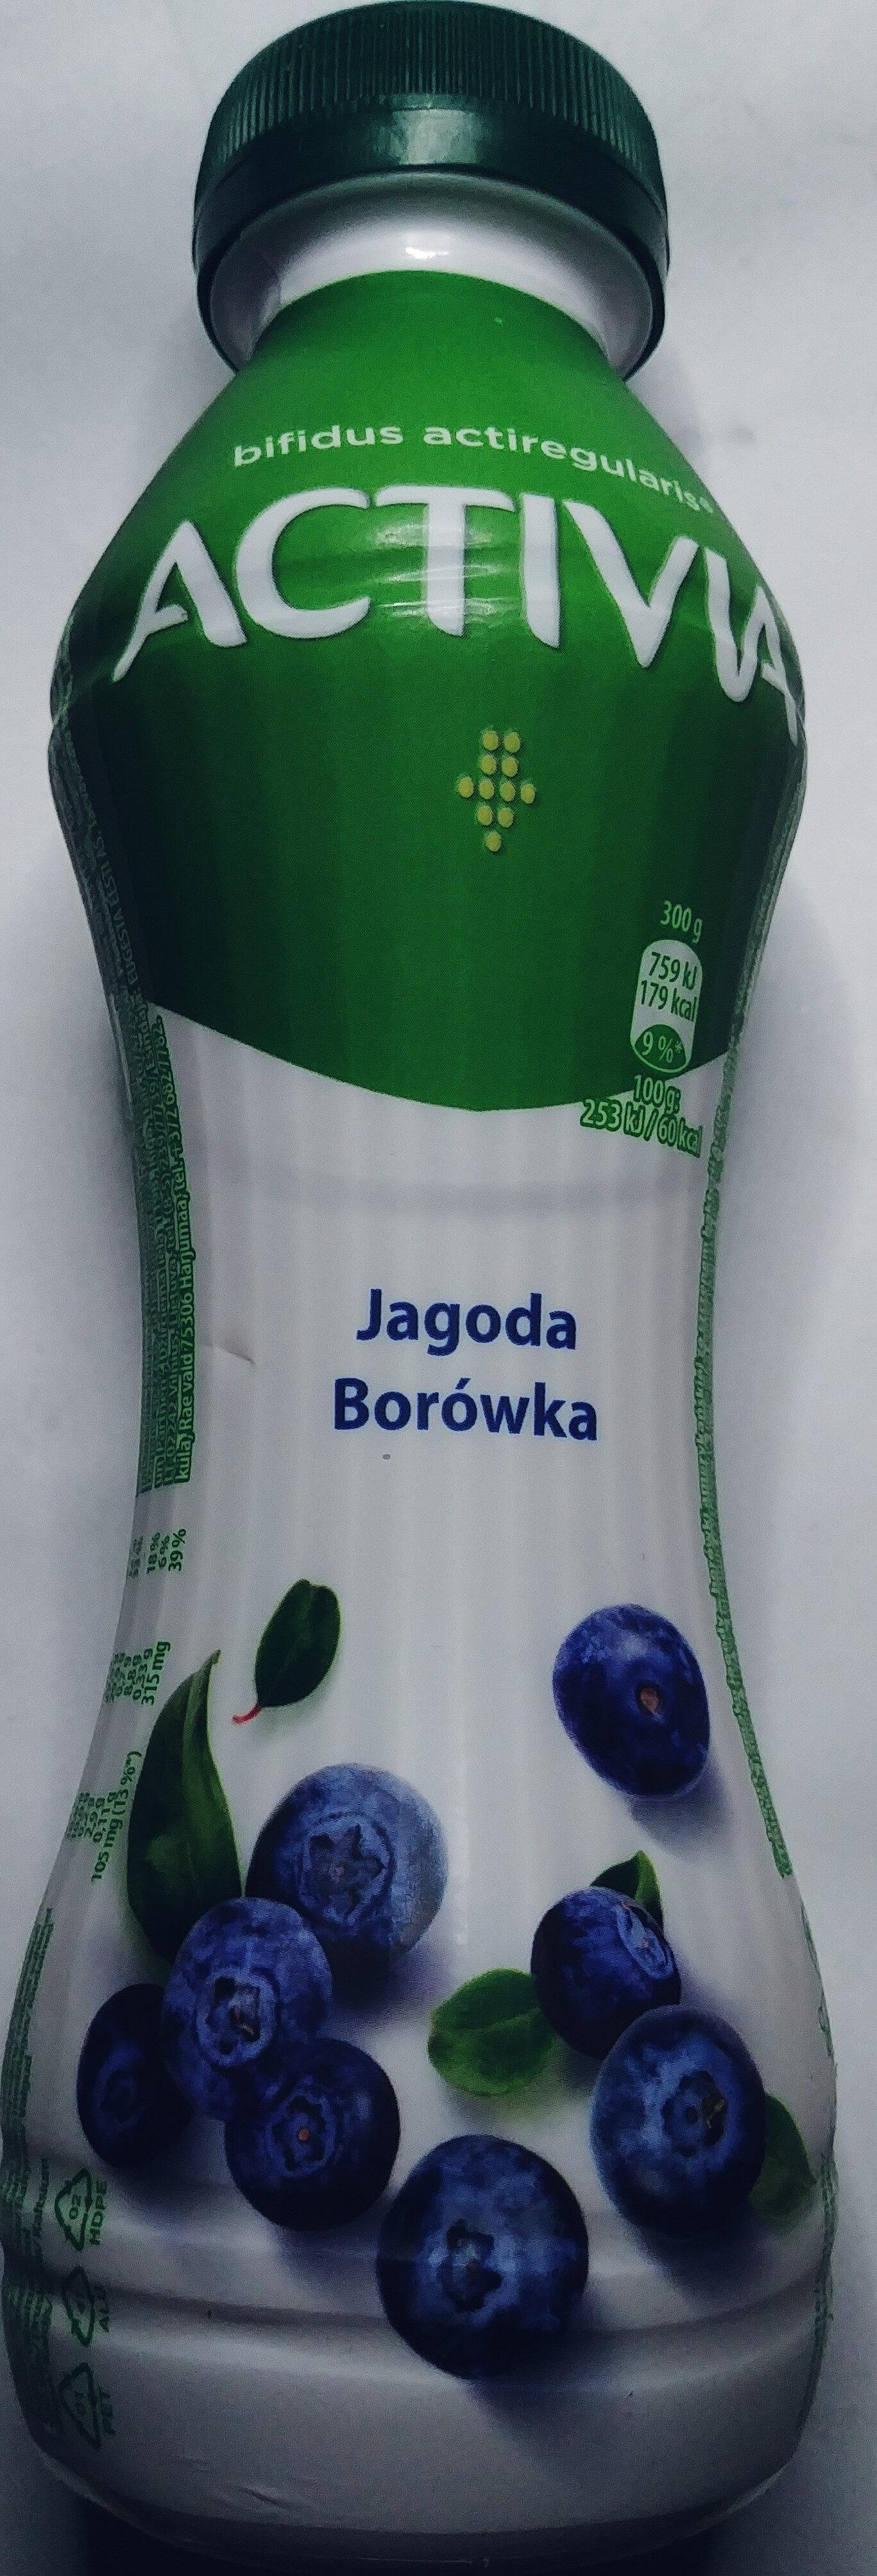 Jogurt o smaku jagody - borówki amerykańskiej ze szczepem bakterii ActiRegularis - Product